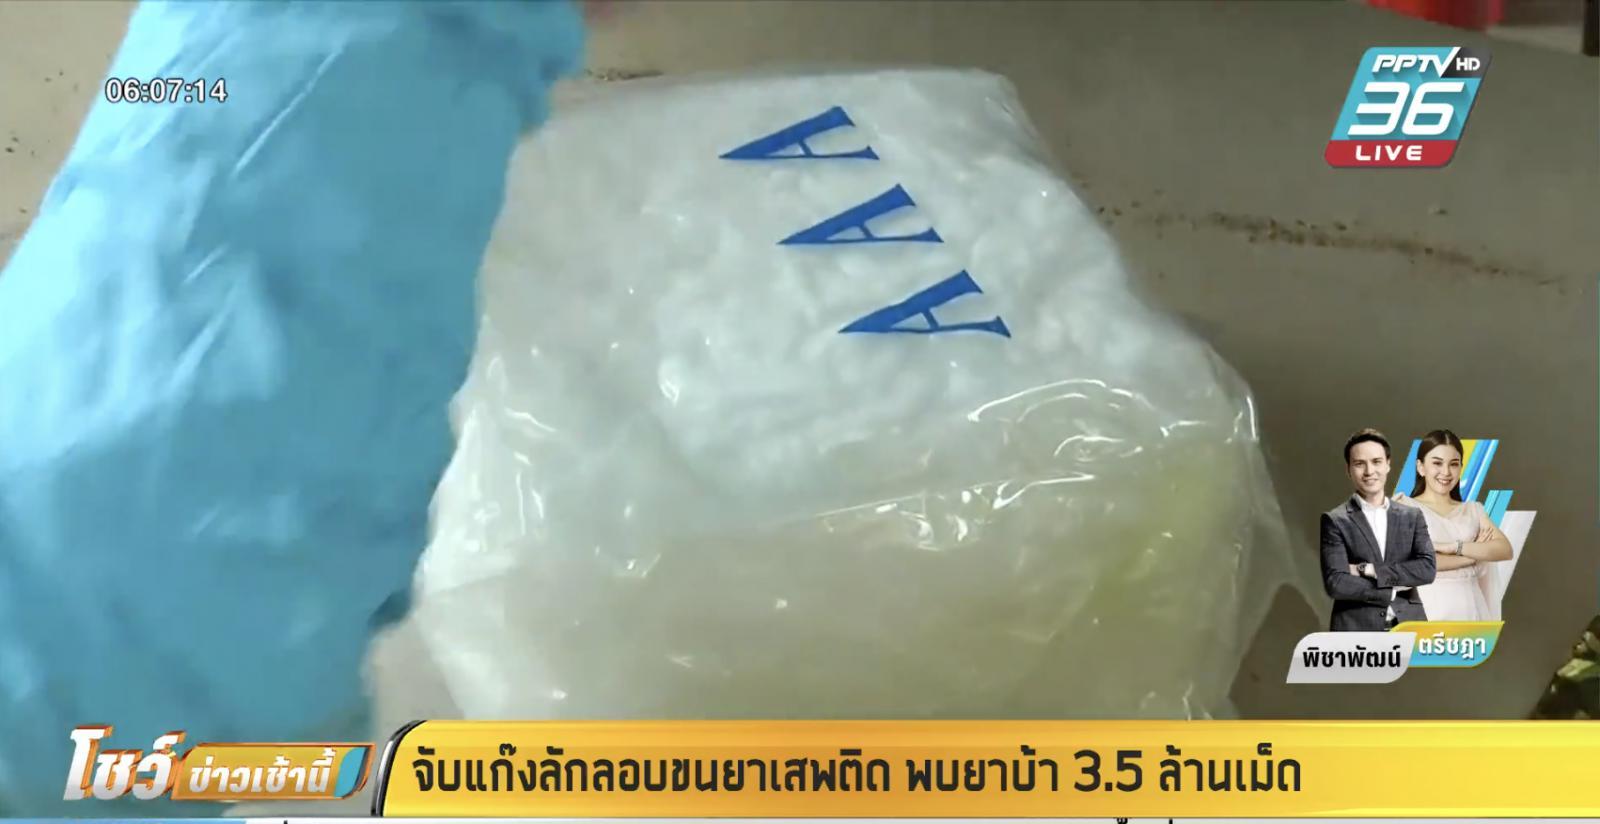 จับแก๊งลักลอบขนยาเสพติด พบยาบ้า 3.5 ล้านเม็ด